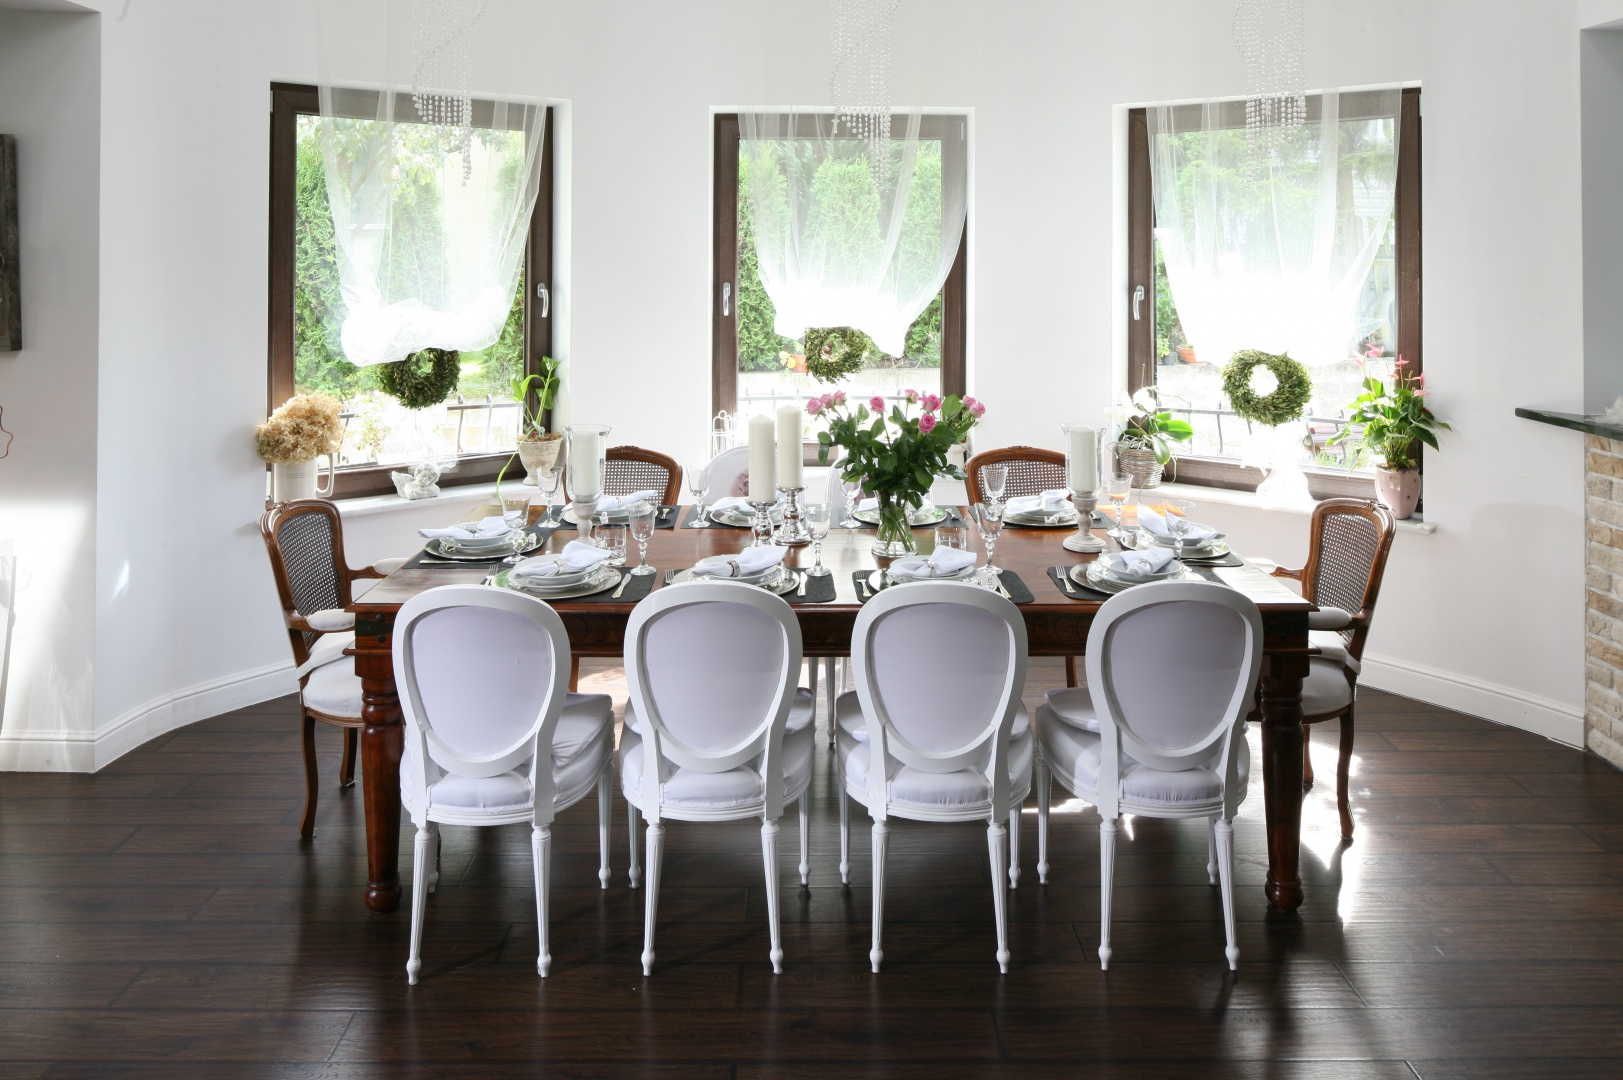 Drewno i biel prezentują się w tym wydaniu bardzo stylowo i z klasą. Duży stół pozwolił nie tylko na umieszczenie na nim pięknej zastawy, ale i udekorowanie go zarówno kwiatami, jak i eleganckimi świecznikami. Projekt wnętrza: Magdalena Konochowicz. Fot. Bartosz Jarosz.